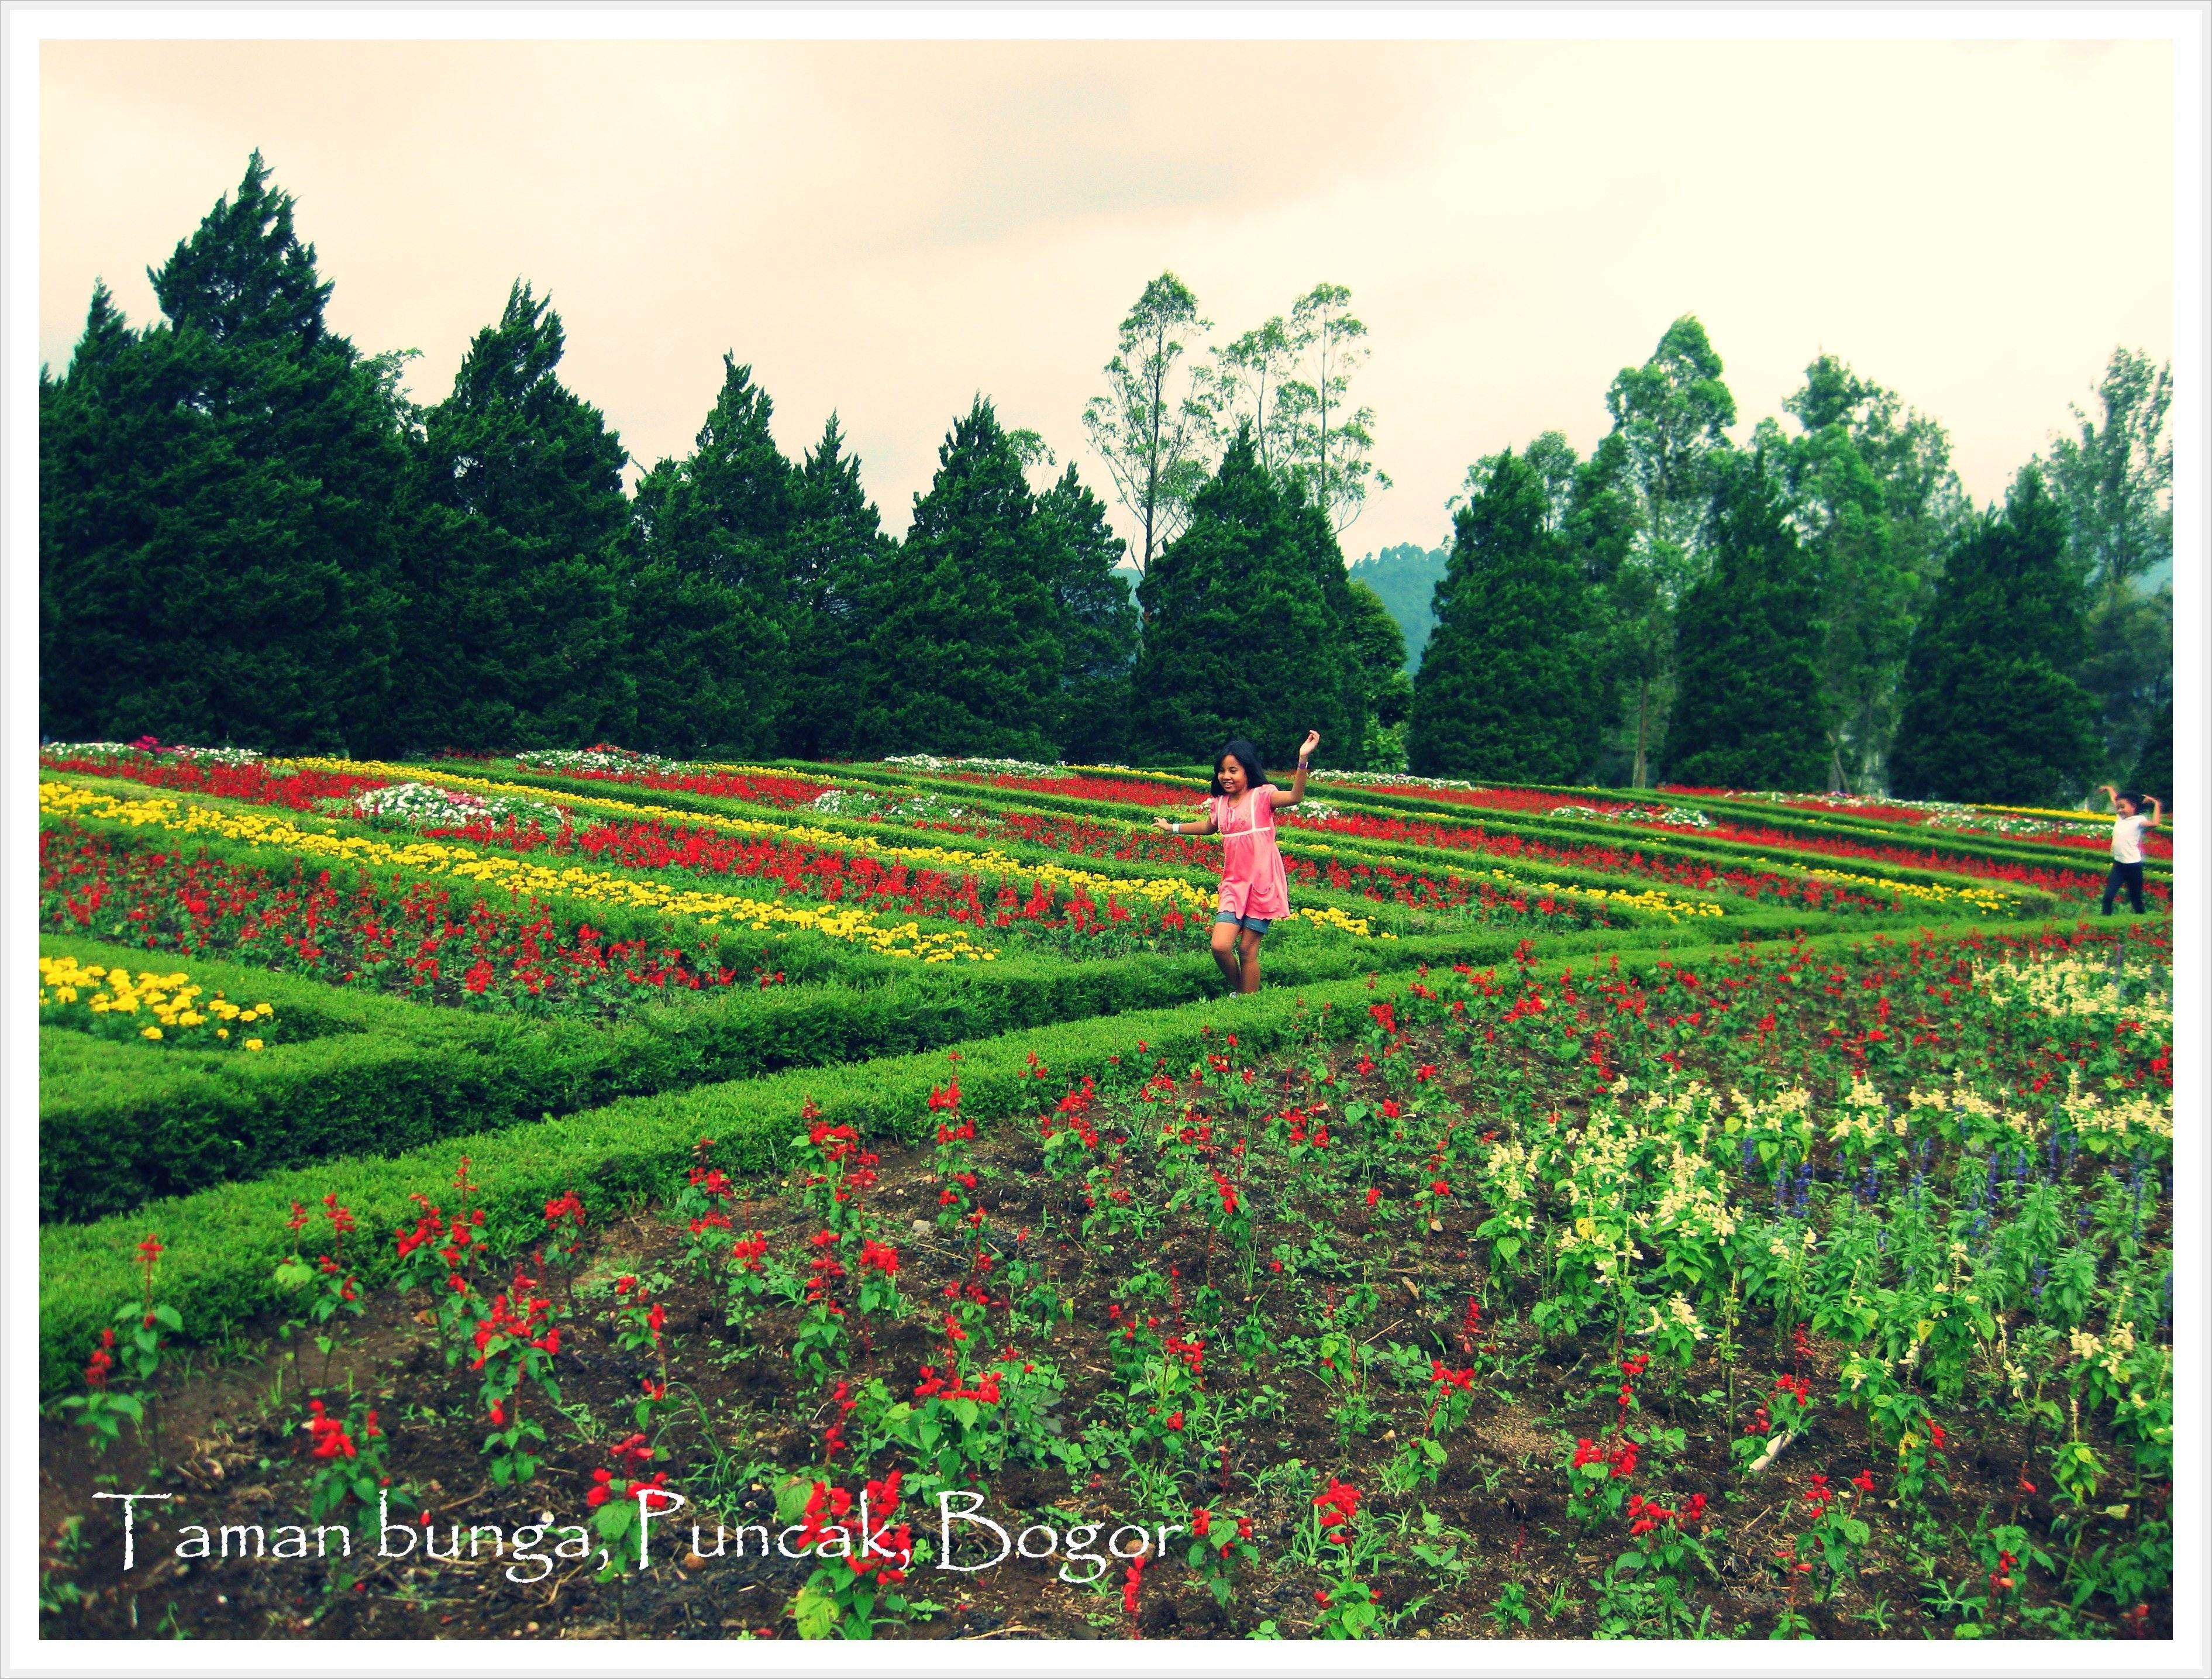 Taman Bunga Bogor Photo